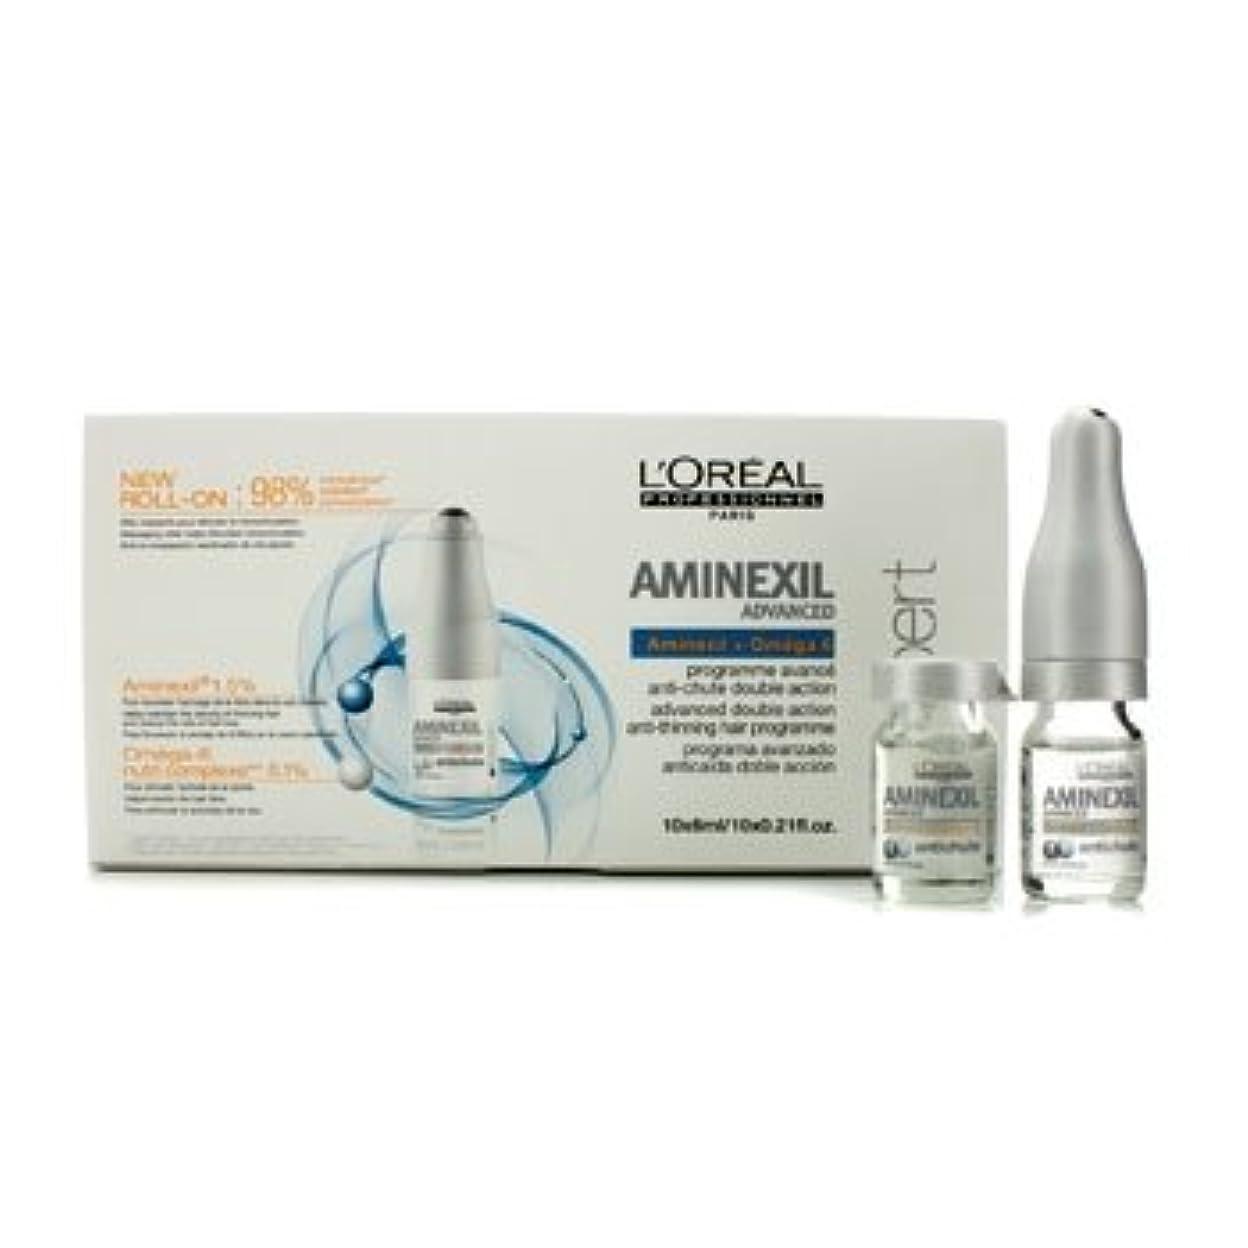 一元化する潜水艦単調なロレアル Professionnel Expert Serie - Aminexil Advanced Anti-Thinning Hair Programme 10x6ml [並行輸入品][海外直送品]